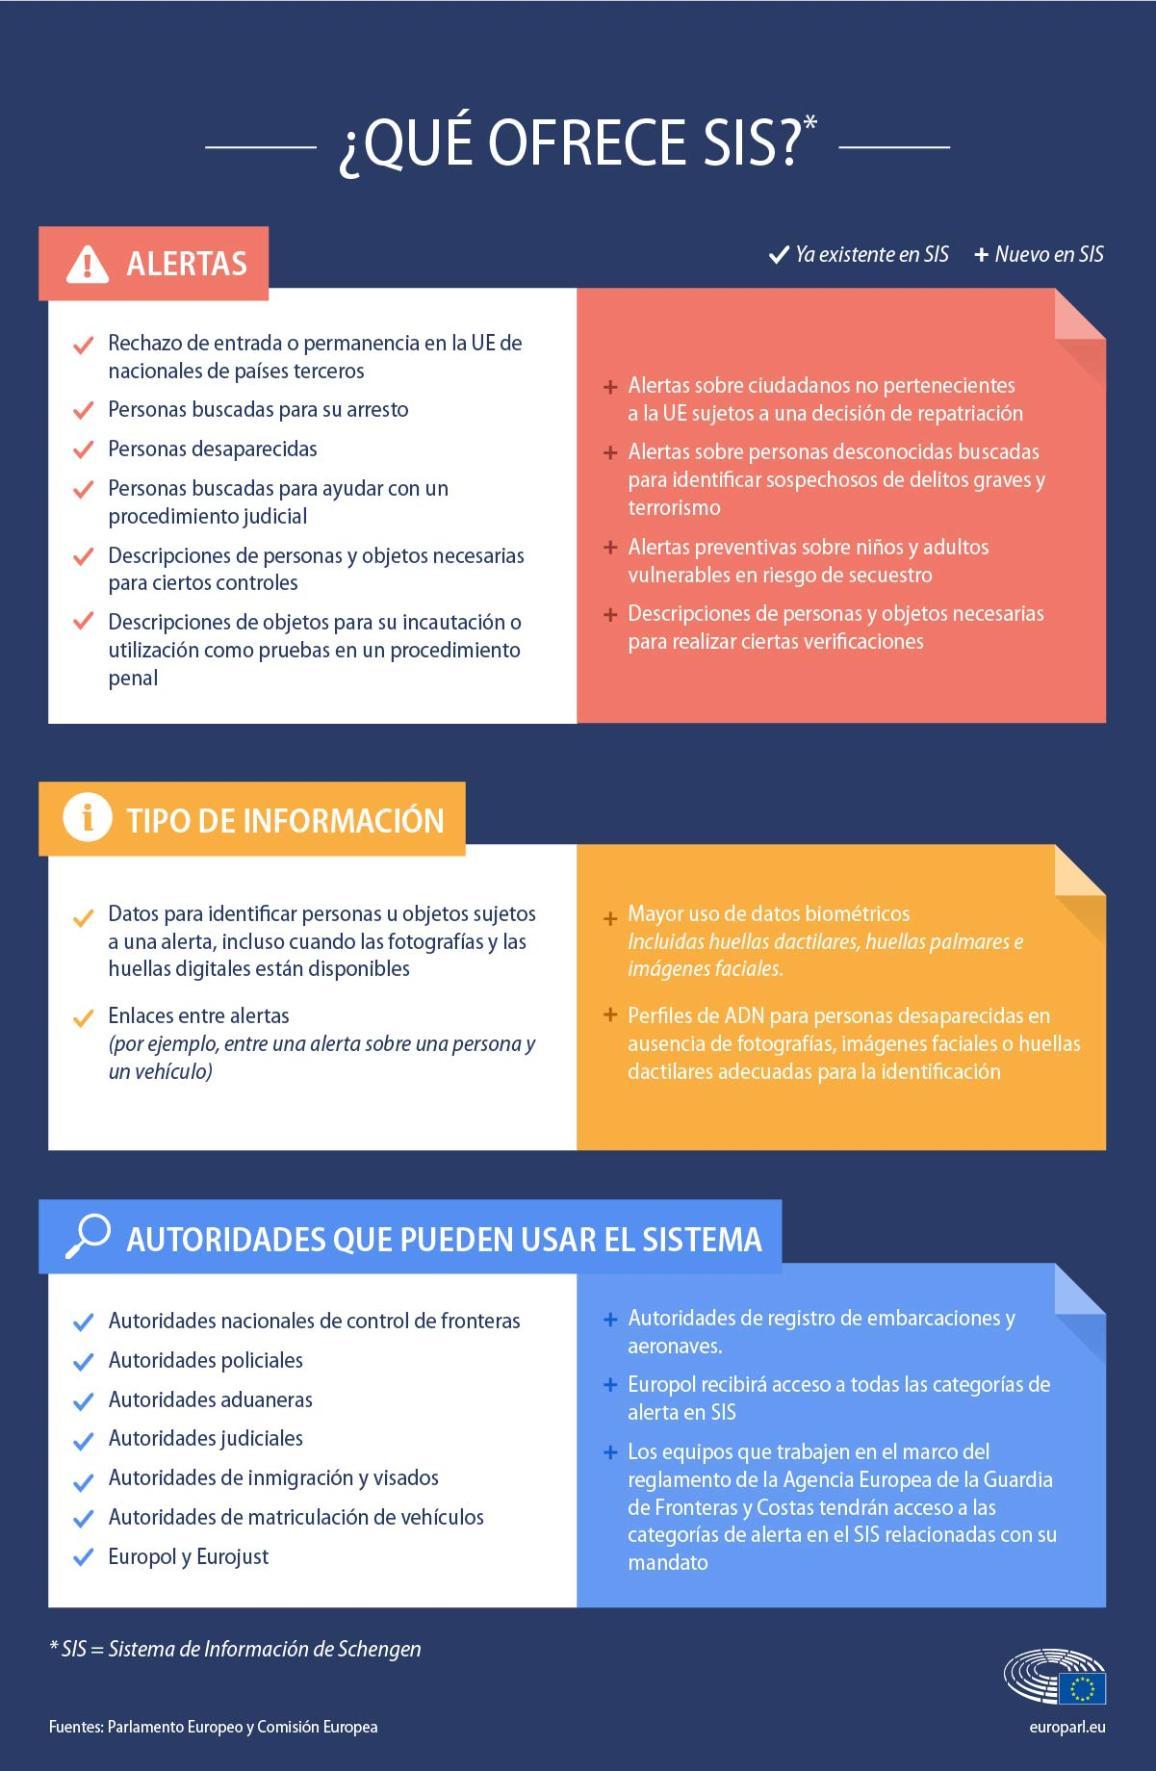 Infografía sobre el Sistema de Información de Schengen